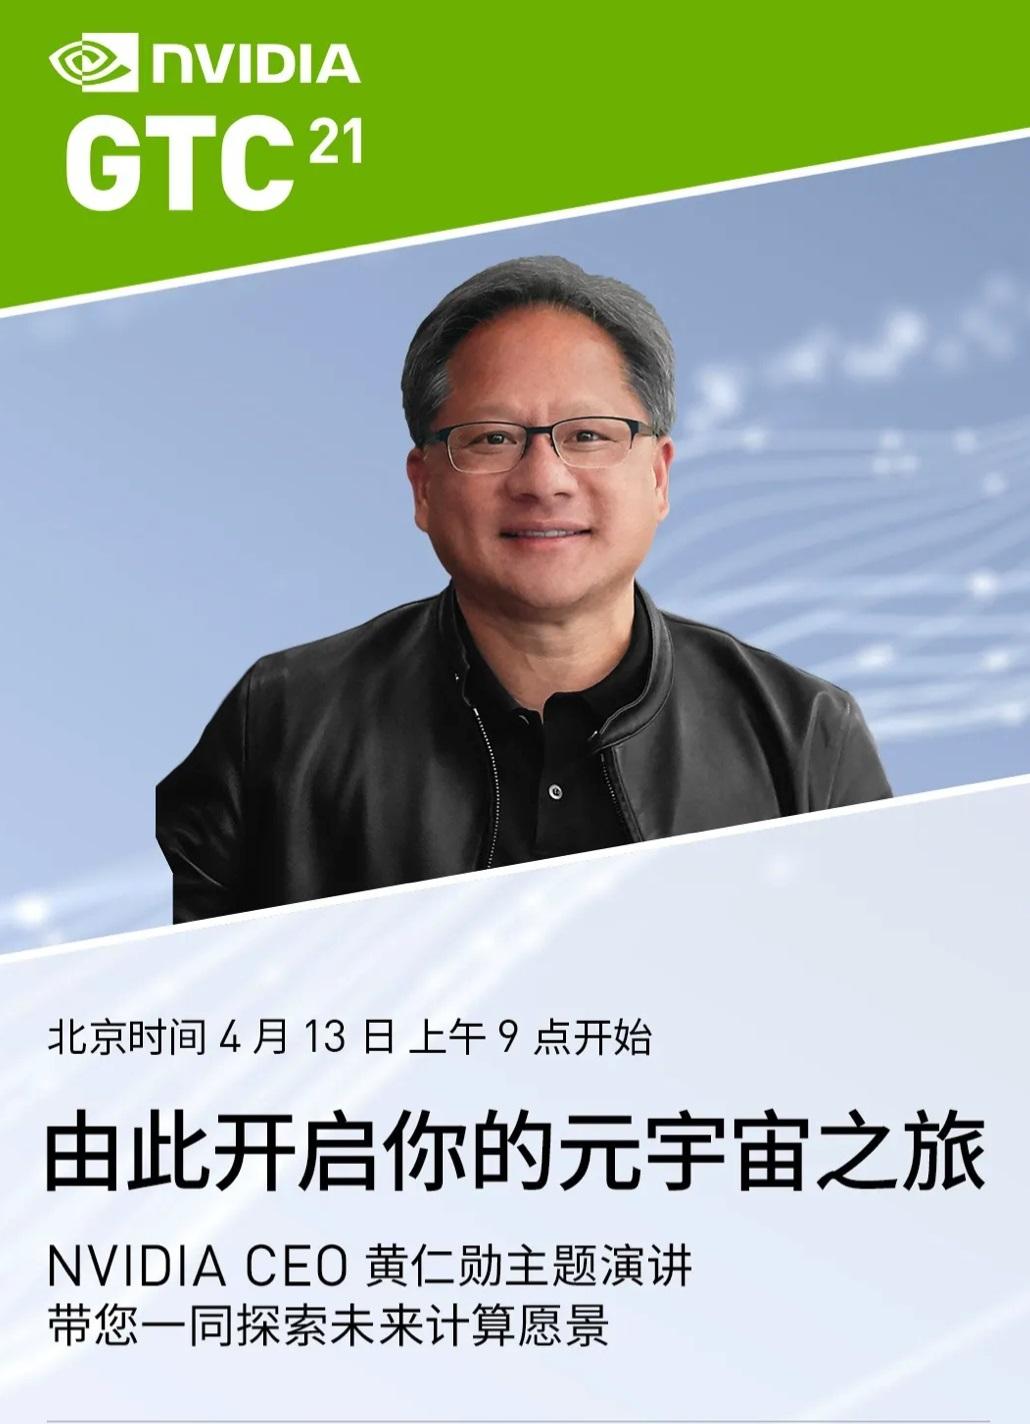 """英伟达 CEO 黄仁勋下周发表 """"厨房演讲"""",展示最新突破"""